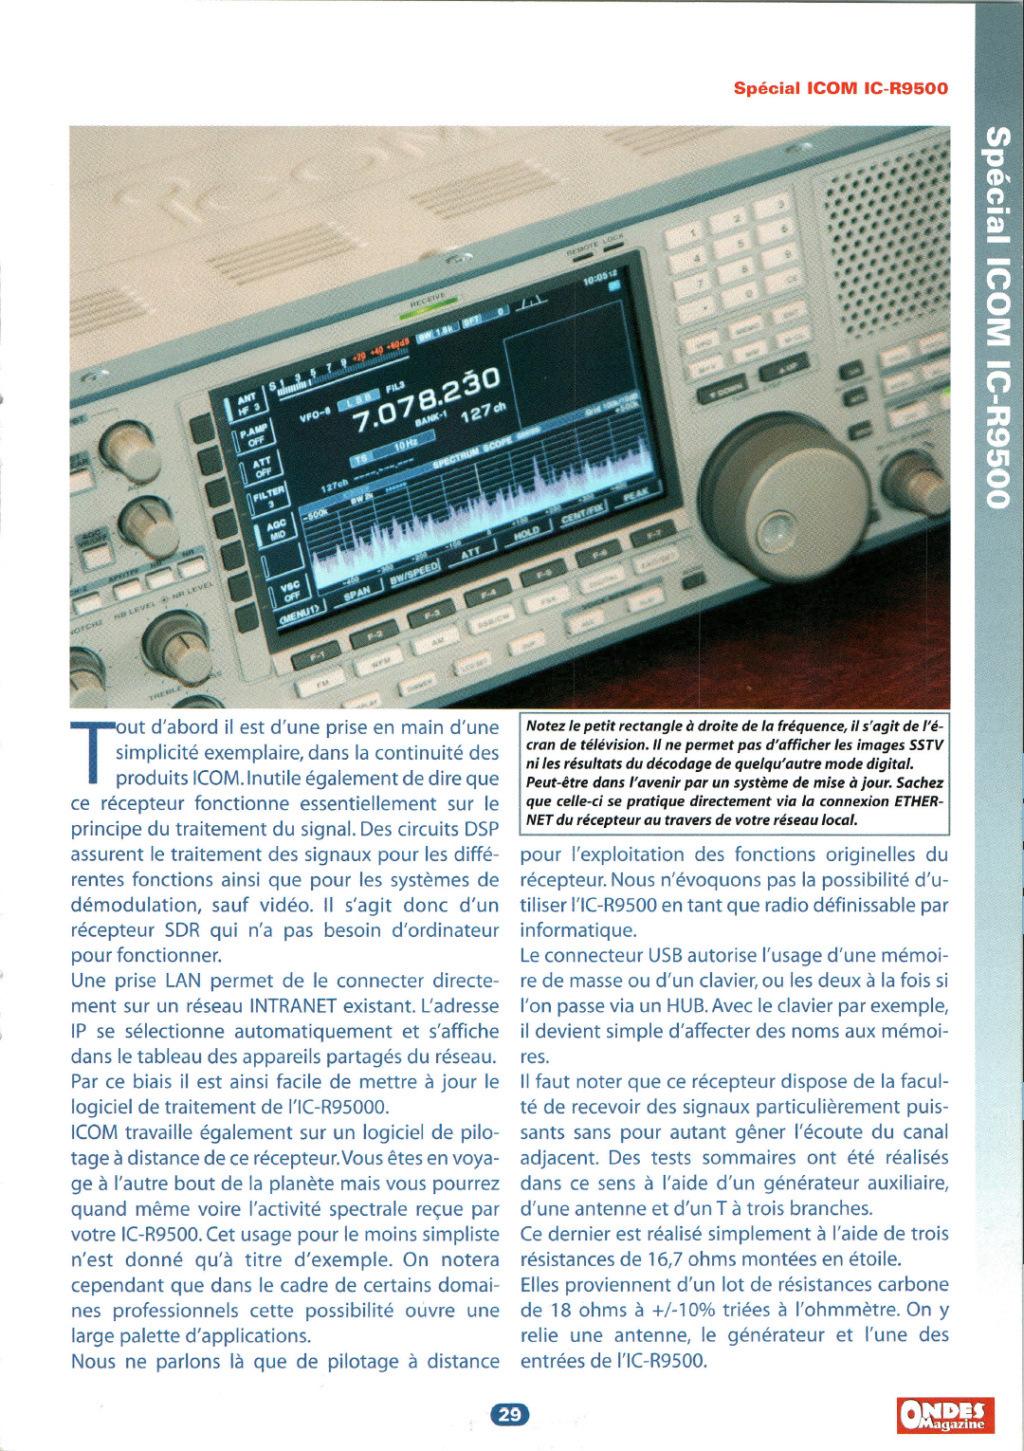 Icom IC-R9500-02 Captu146